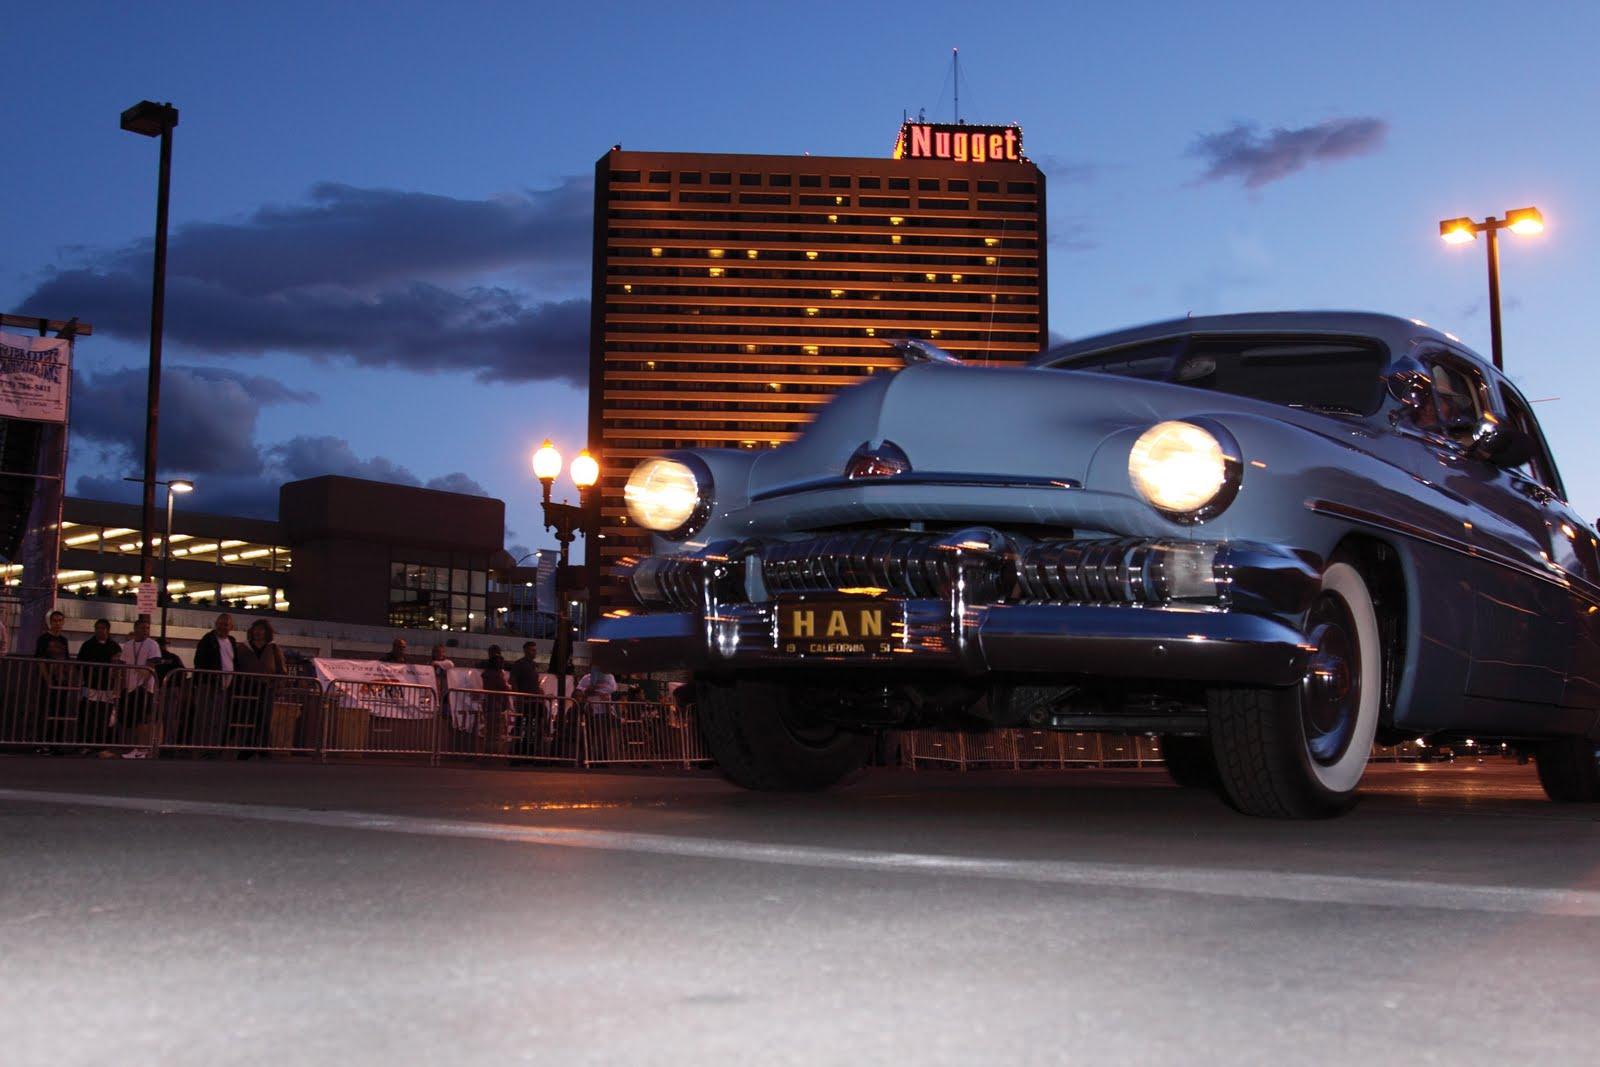 Maximo casino nederlandse spoorwegen kortingskaart nscorp